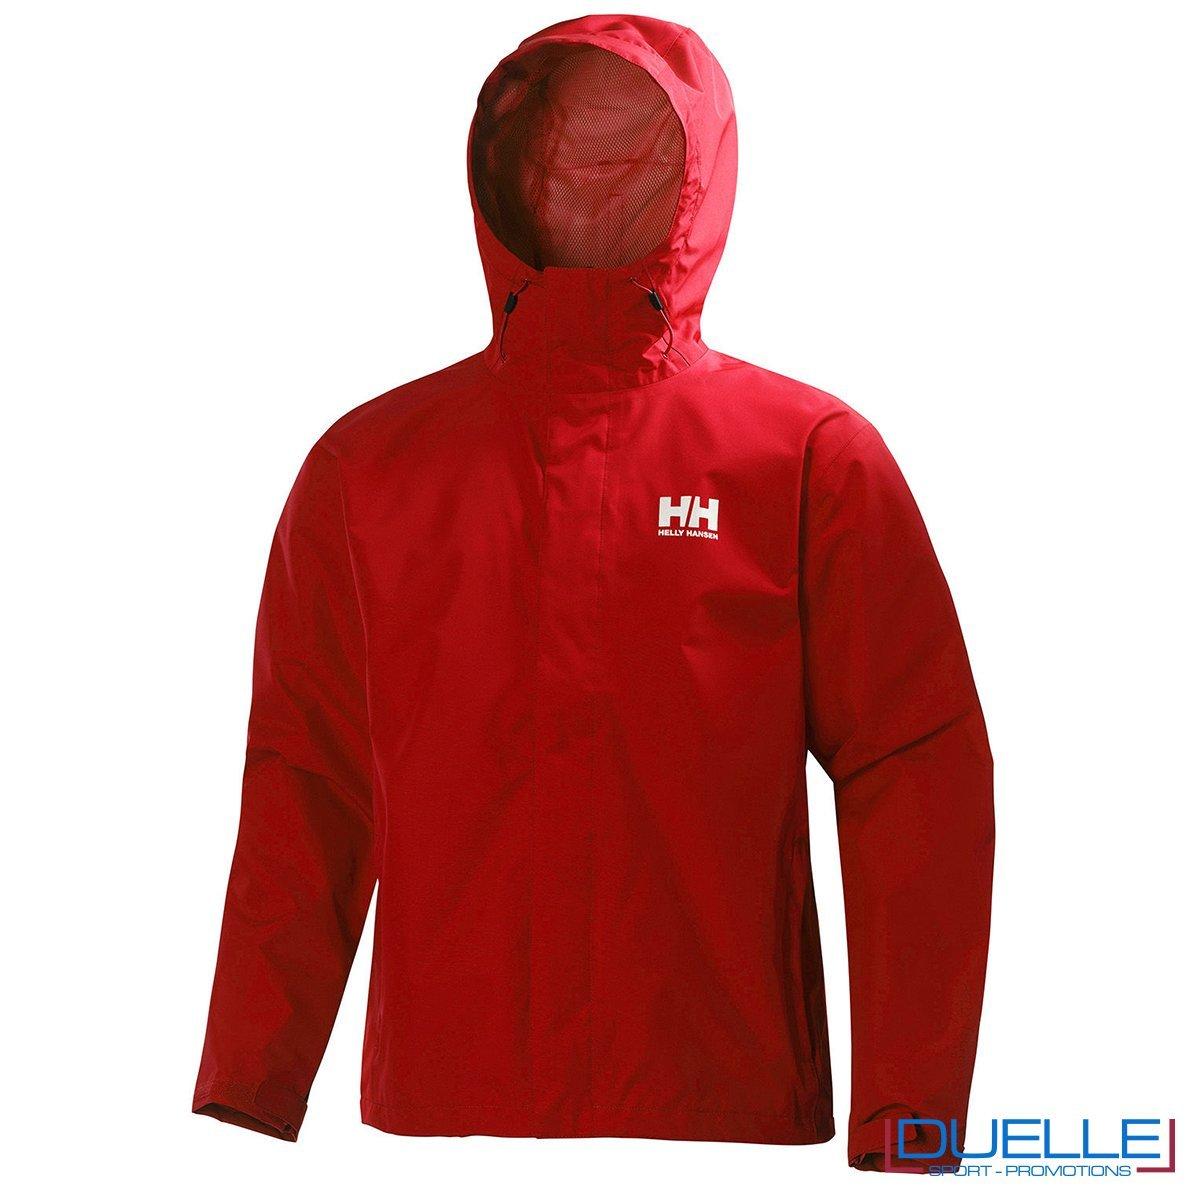 Seven J jacket Helly Hansen personalizzata colore rosso